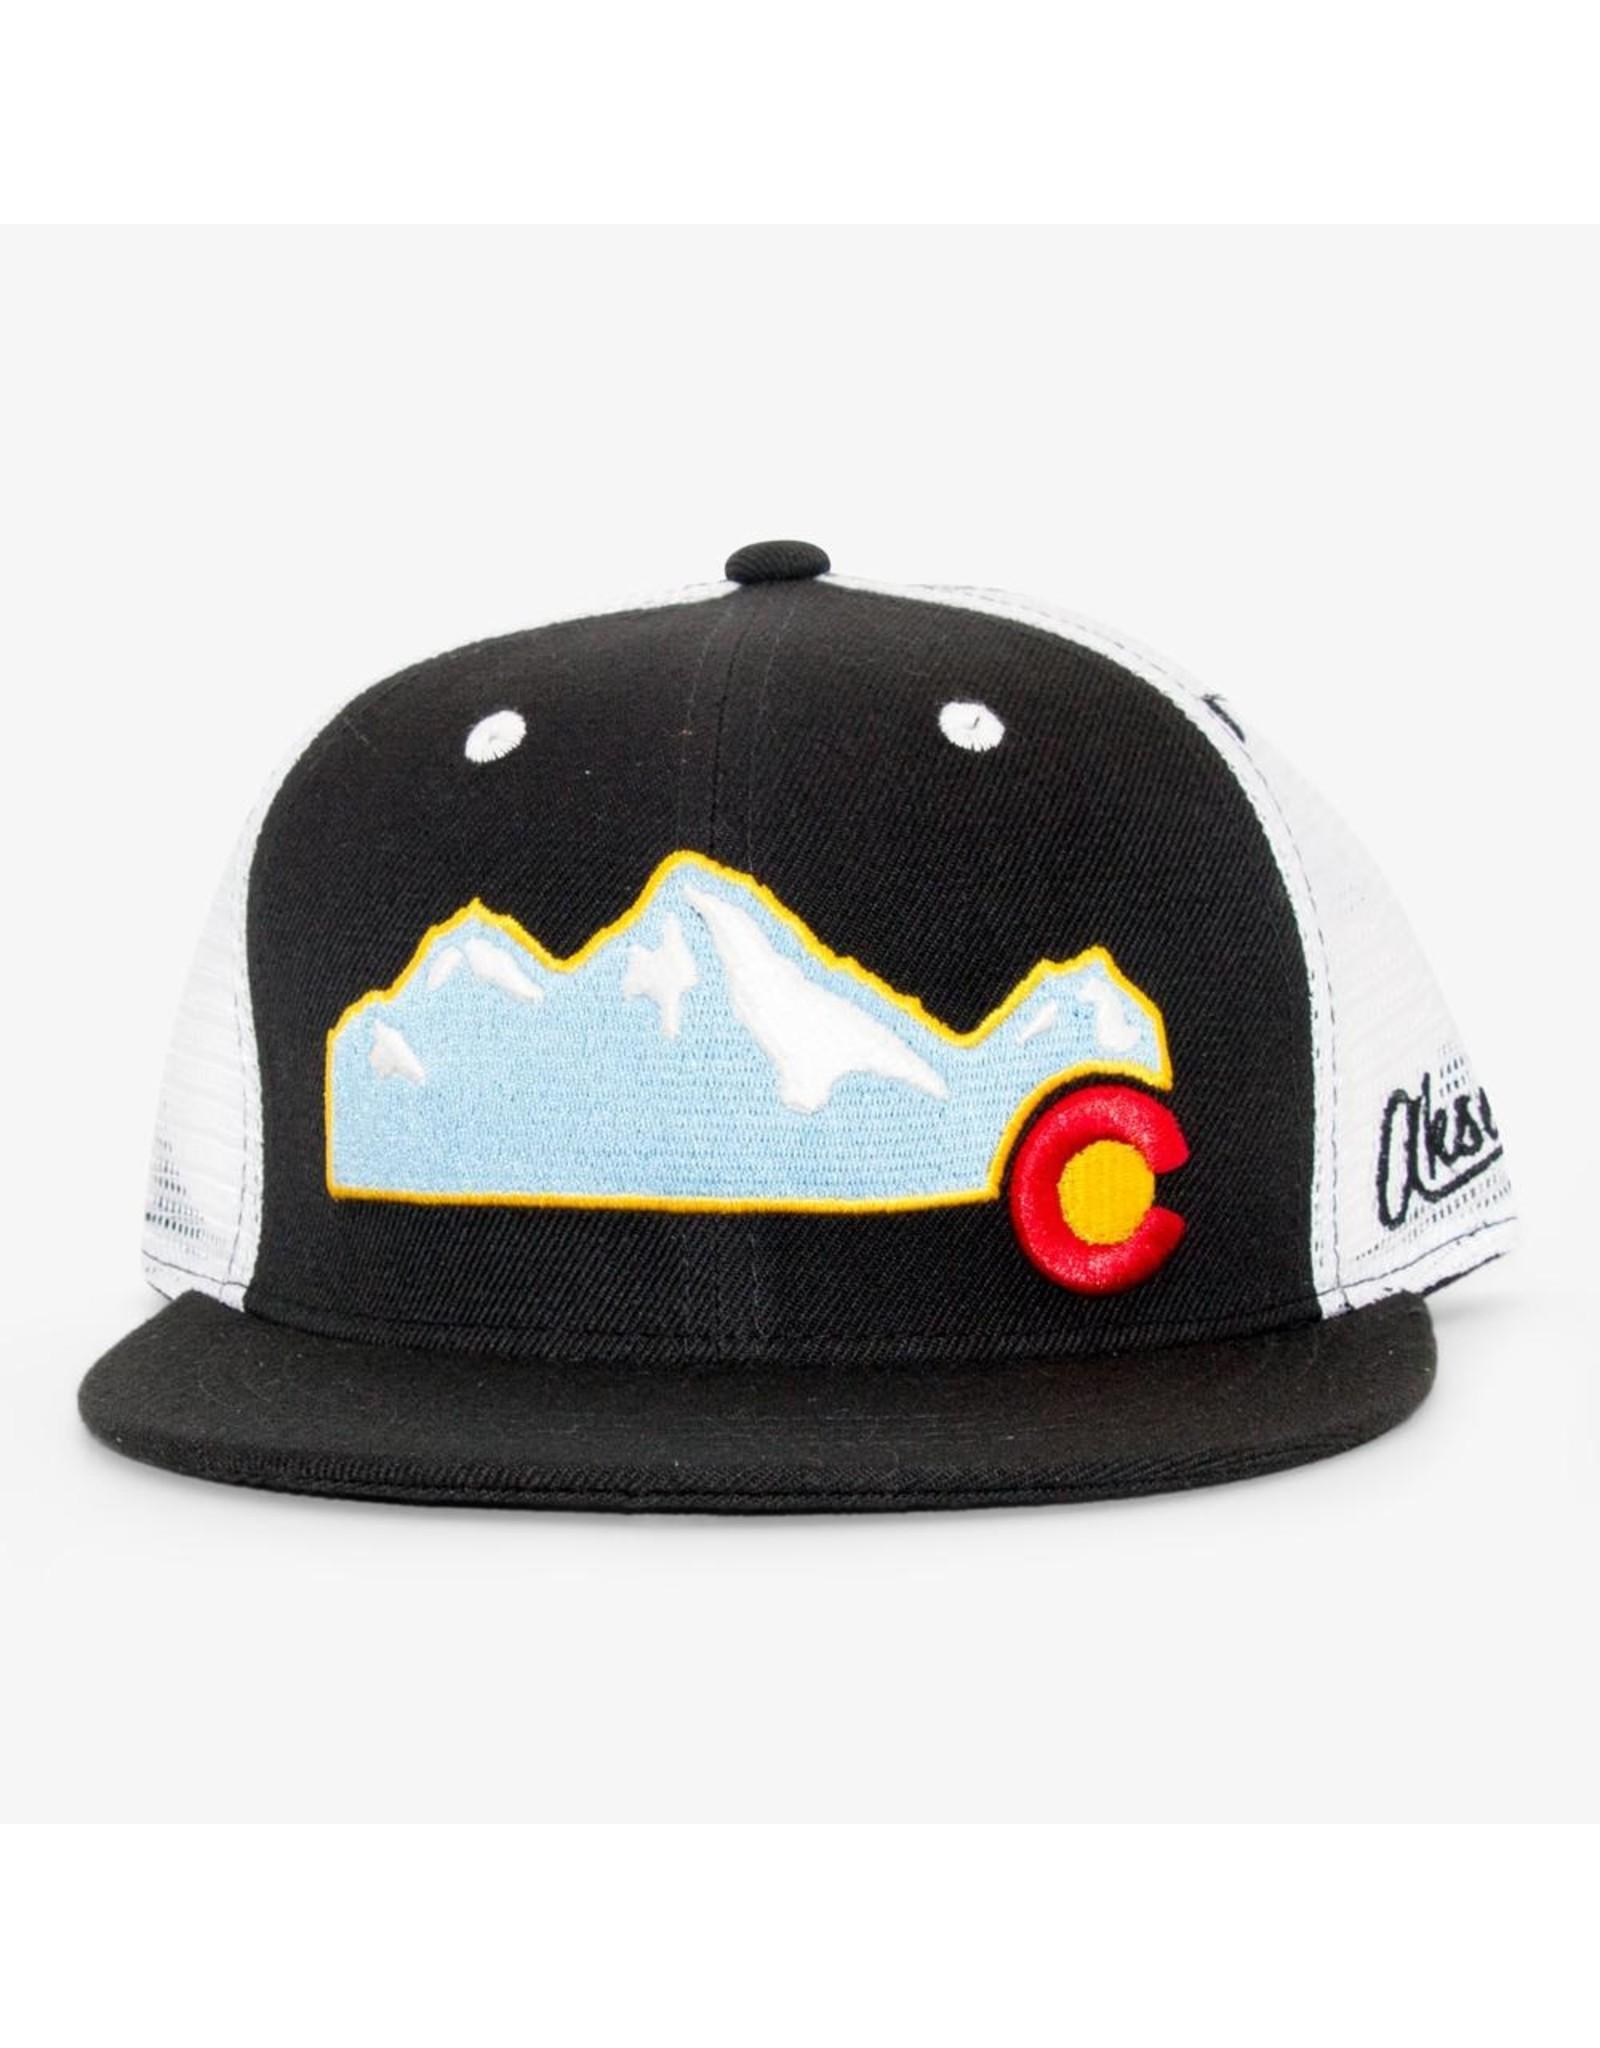 Aksels Aksels Rocky Mountain Flat Bill Colorado Trucker Hat